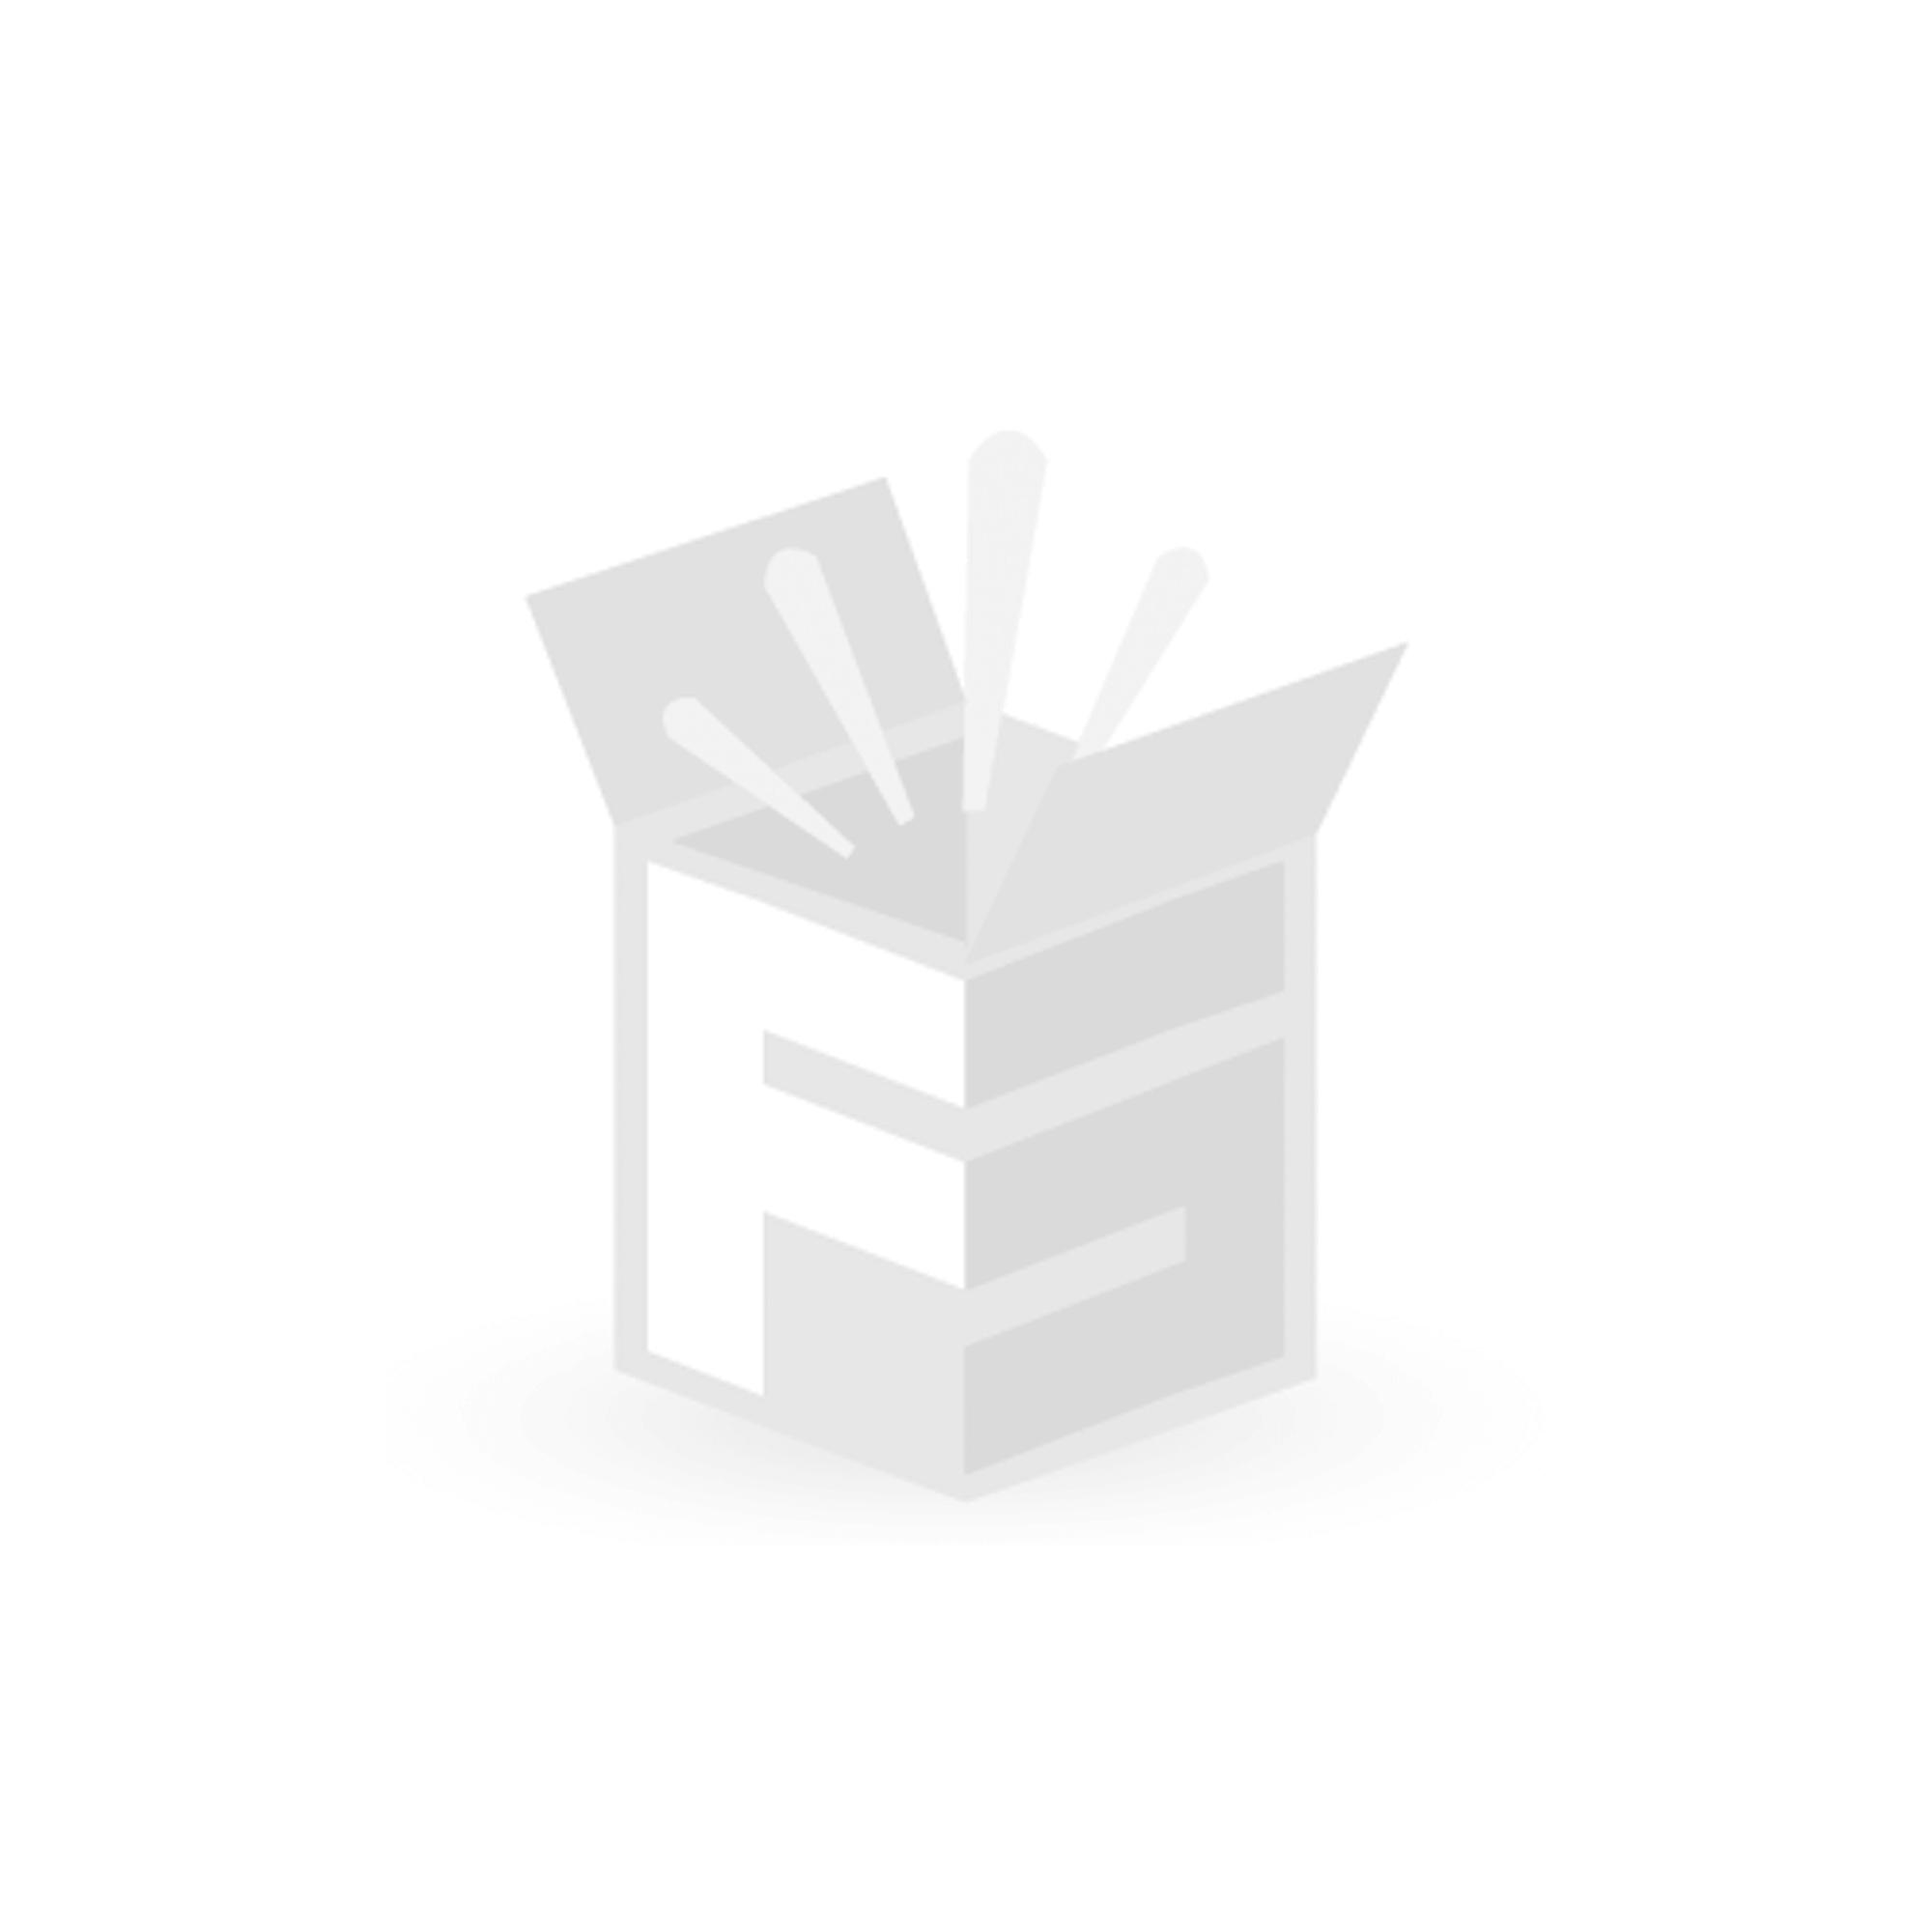 Kibernetik AP-Steckdose 1x CEE63A, 5-polig